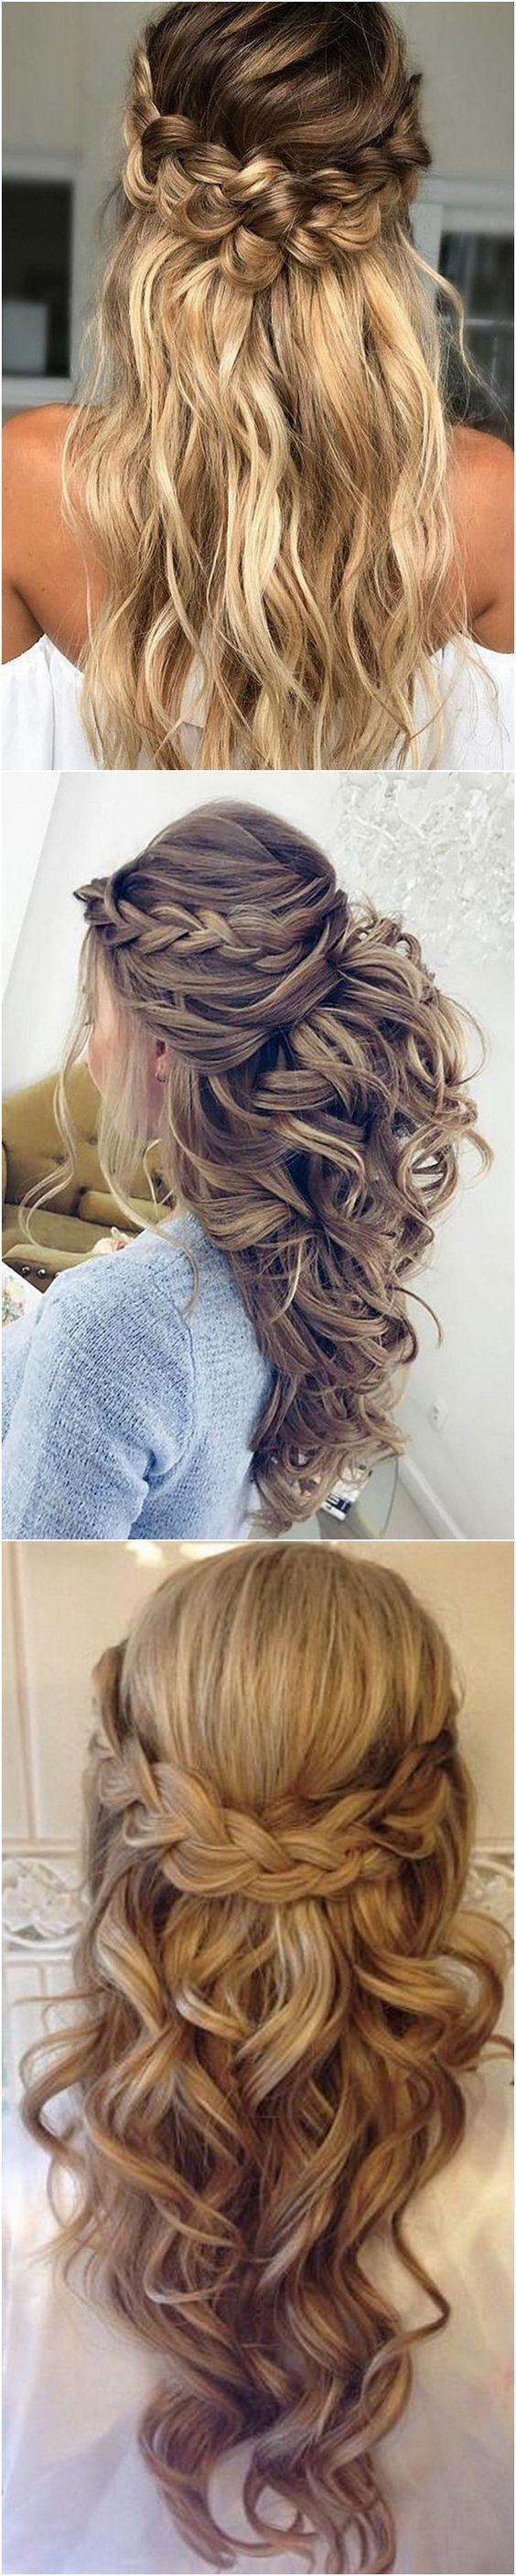 pretty half up half down wedding hairstyle ideas #EverydayHairstylesHalfUp